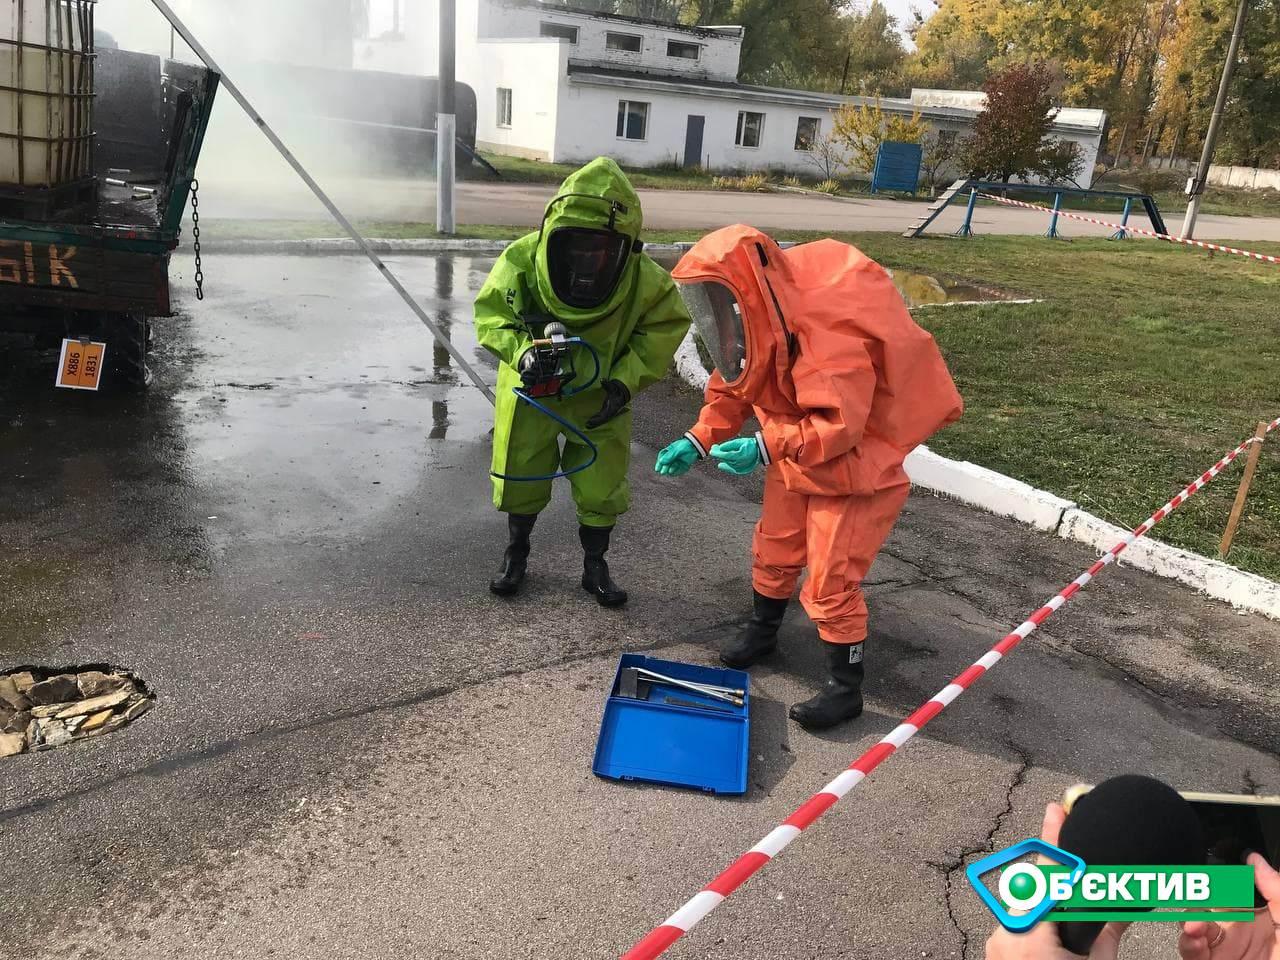 Тренинг для спасателей по ликвидации химической катастрофы провели в Харькове